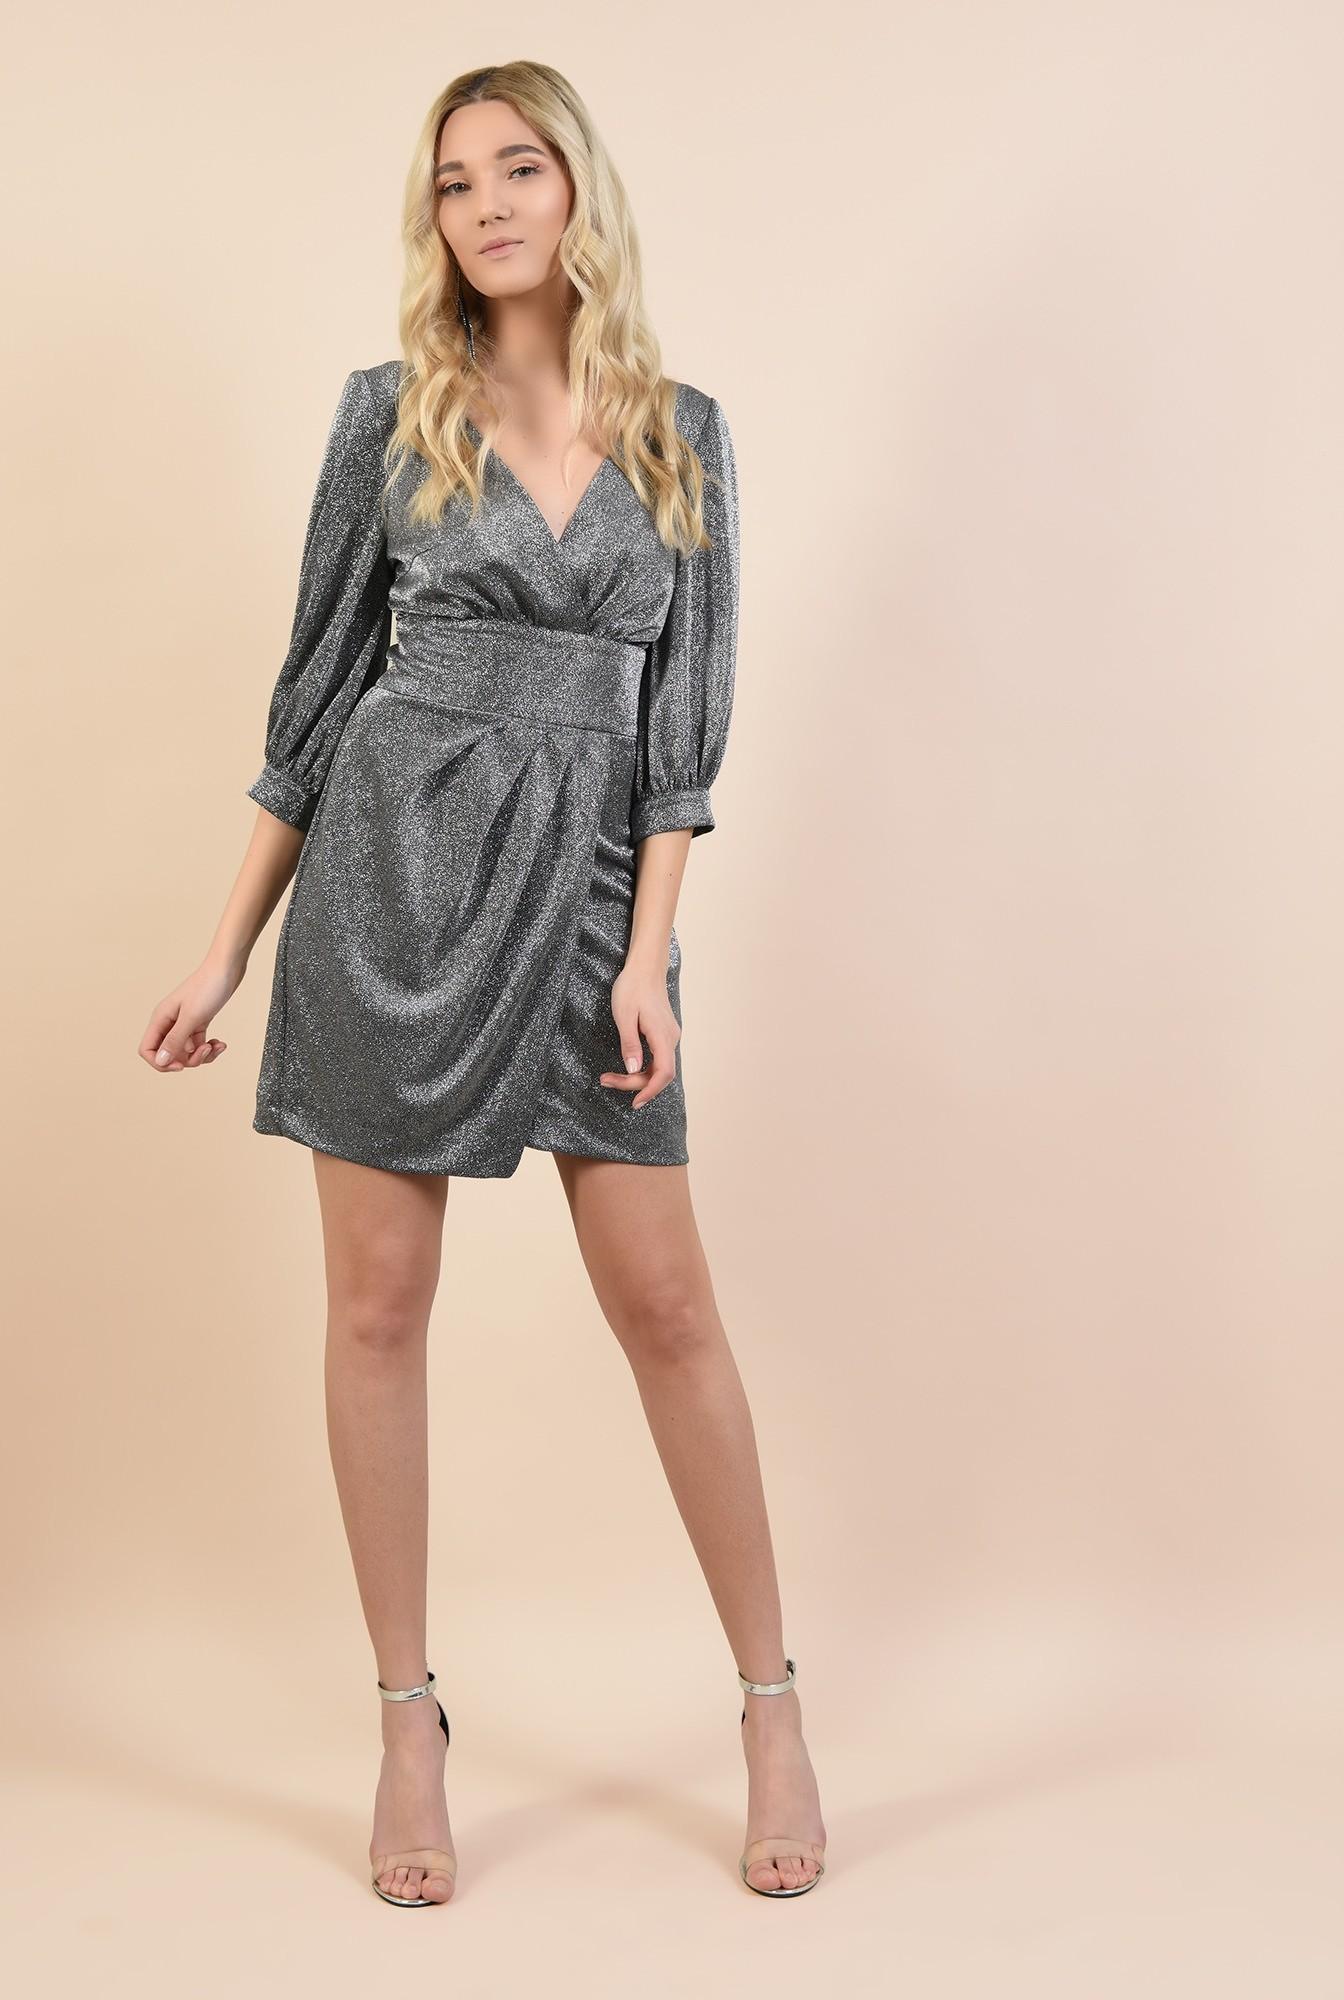 0 - rochie de ocazie, cu maneci bufante, cu anchior, parte peste parte